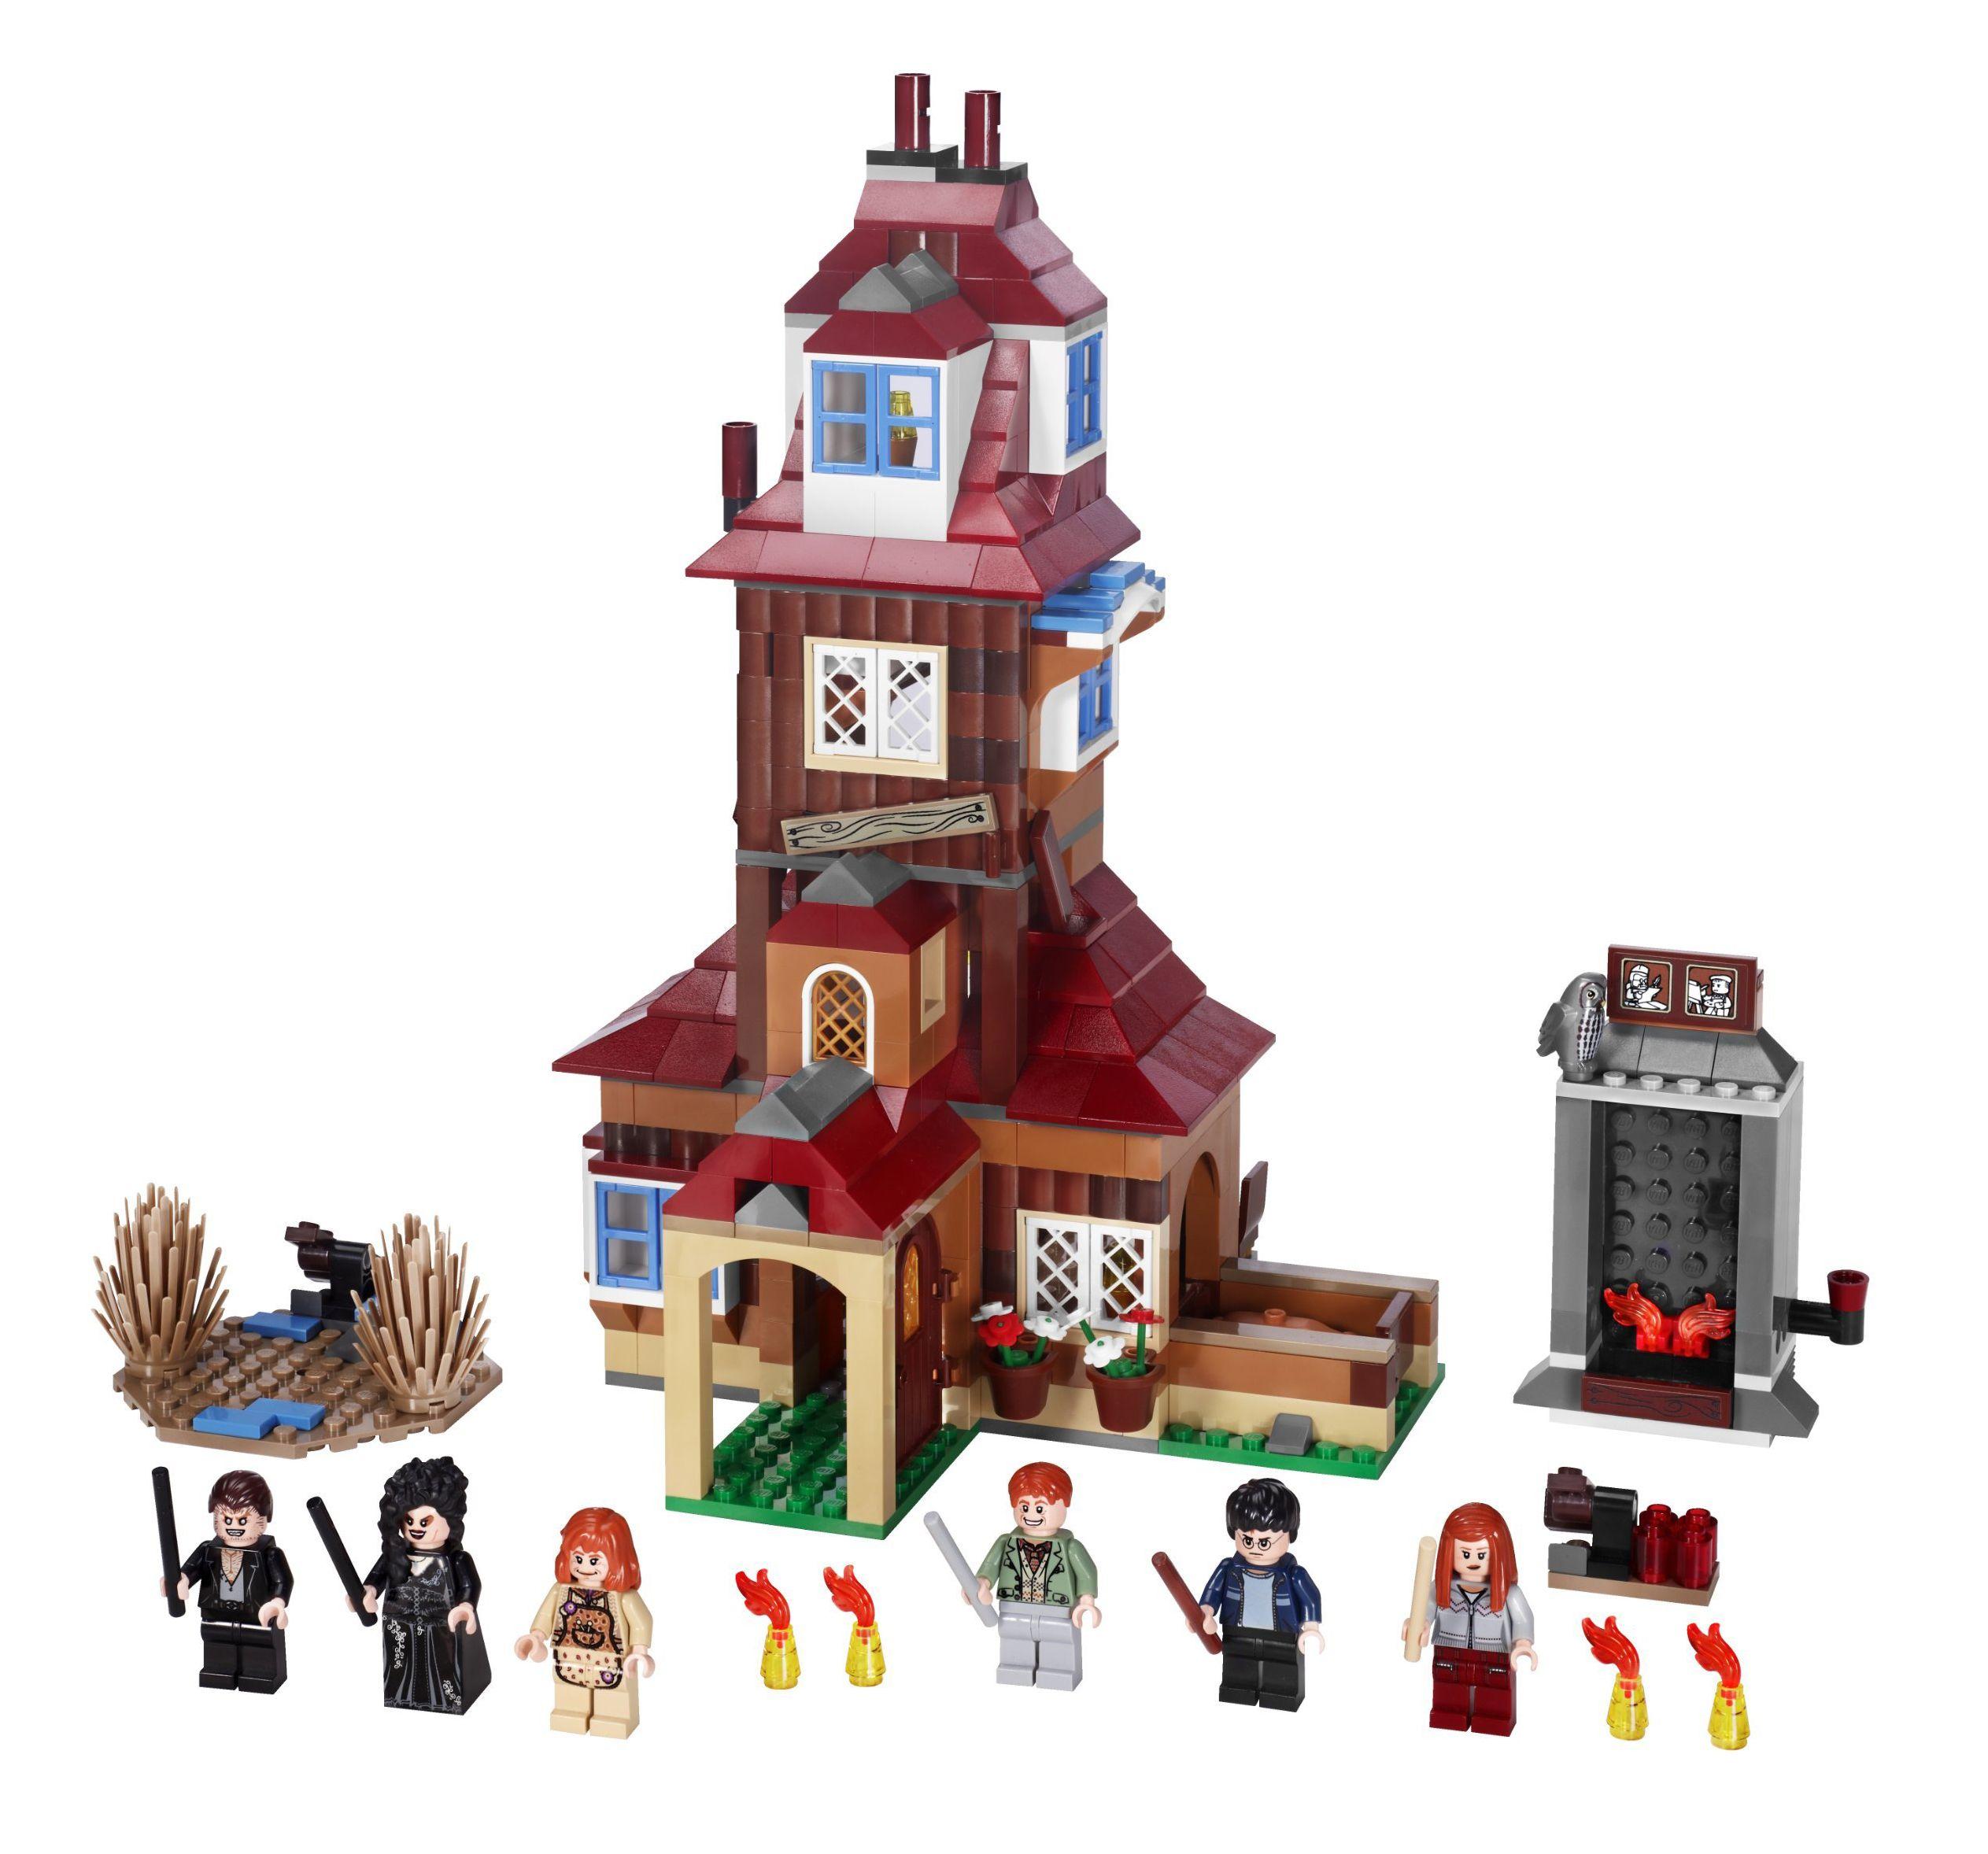 Lego Burrow Lego Ideeen Lego Harry Potter Lego